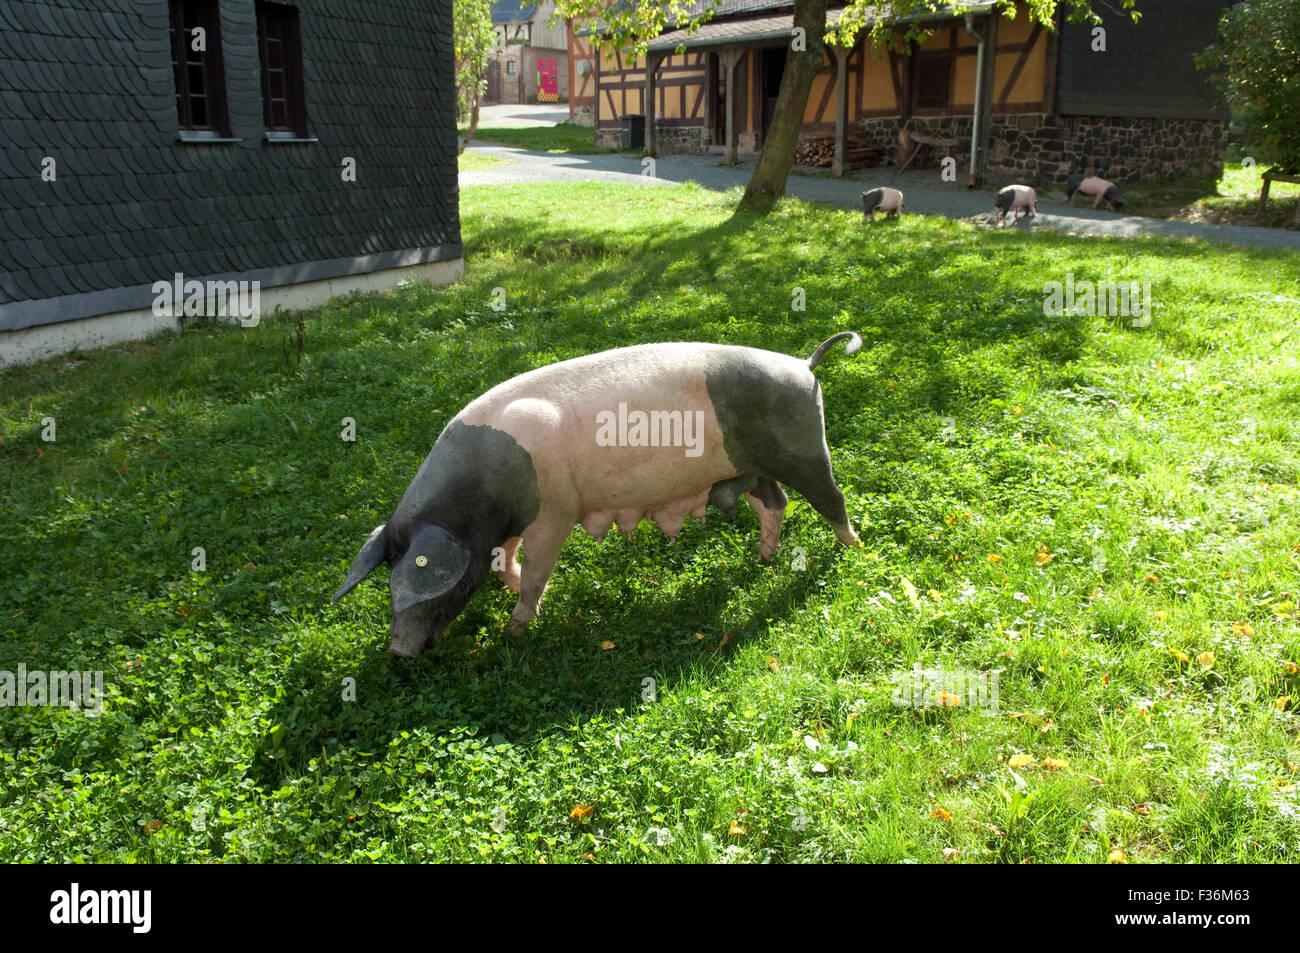 Sattelschwein, Deutsche, Nutztierrasse, - Stock Image